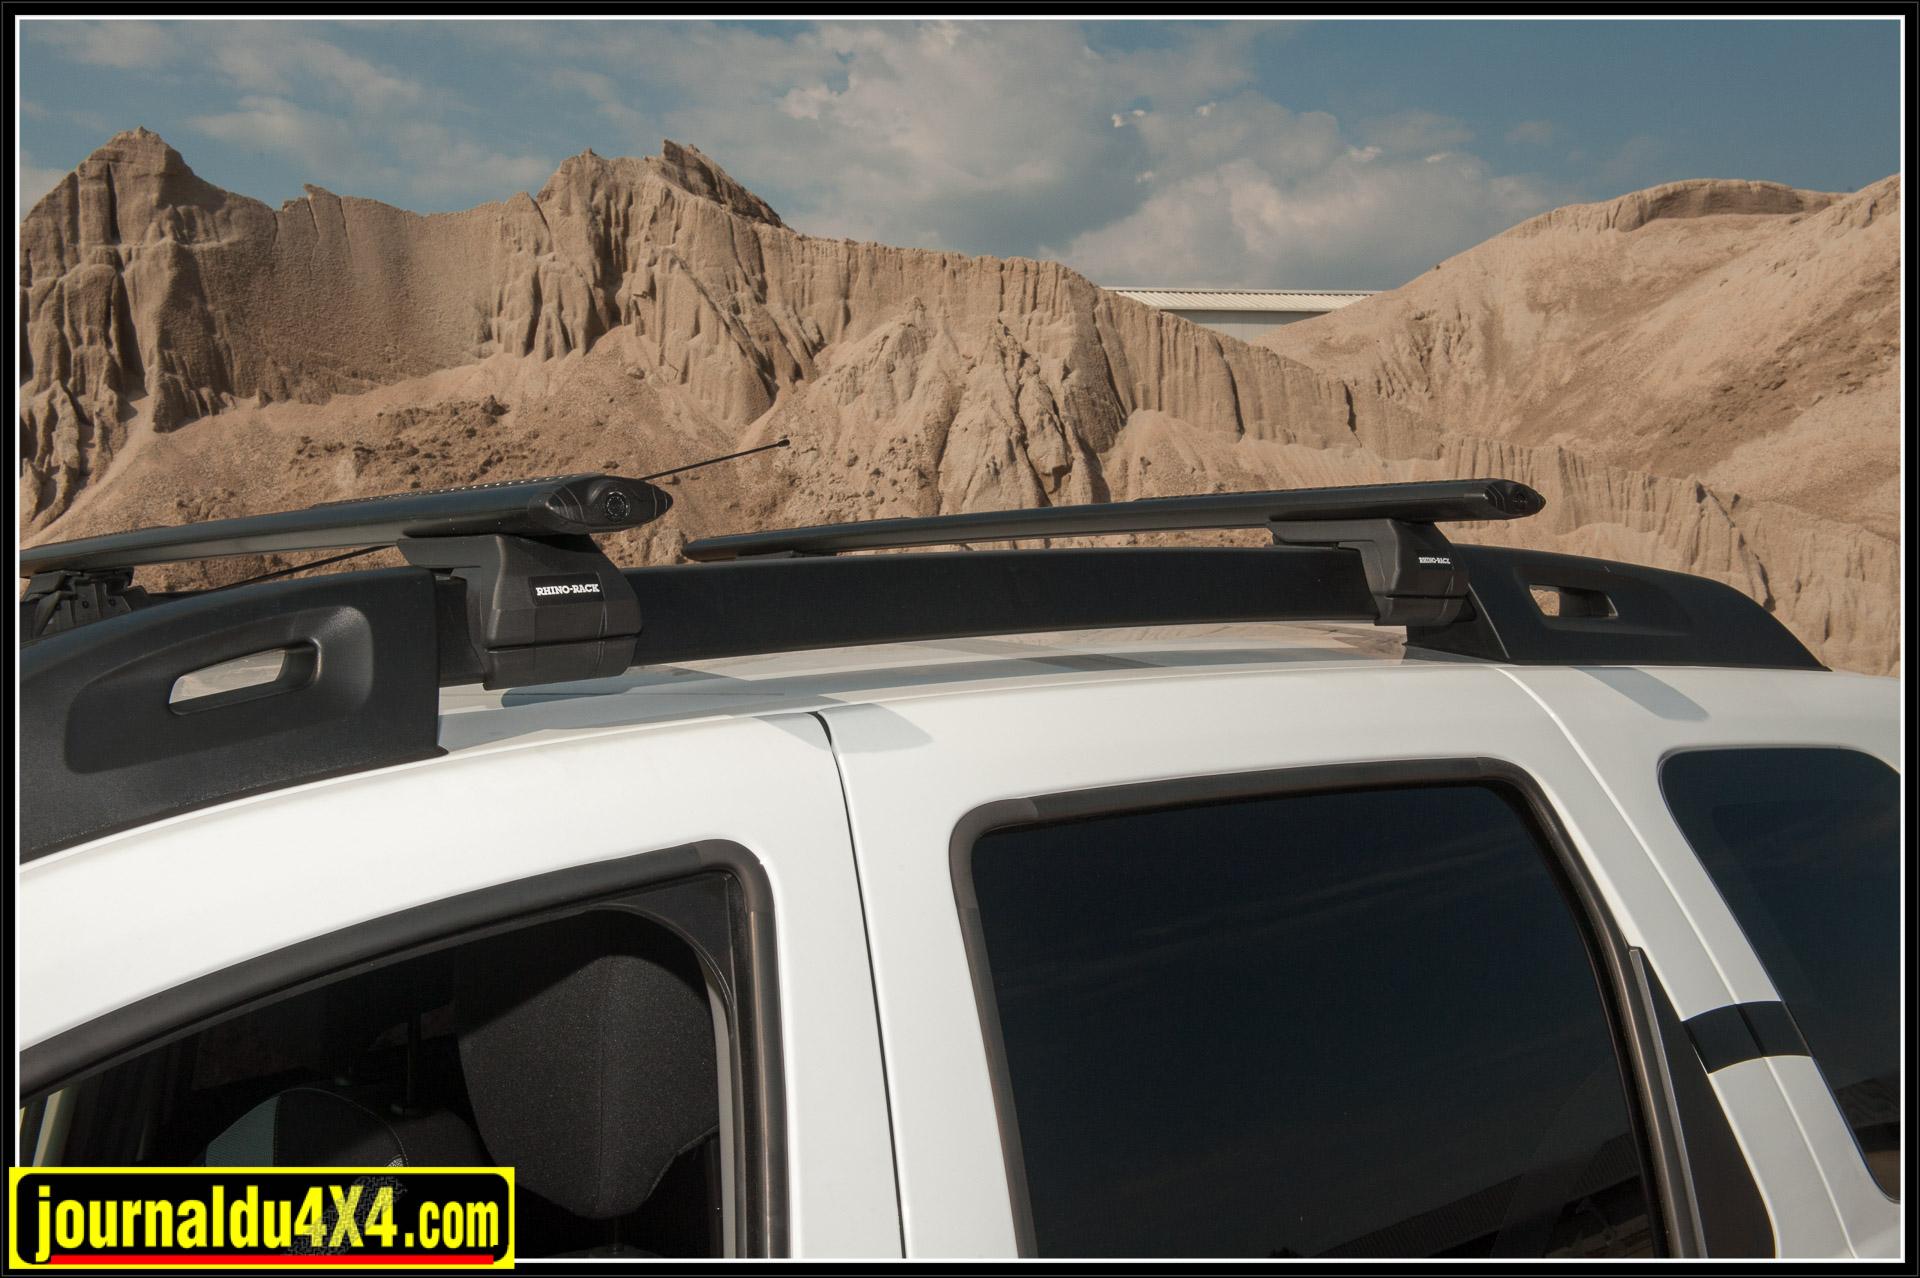 Des barres Rhino Rack ont pris place sur le toit.